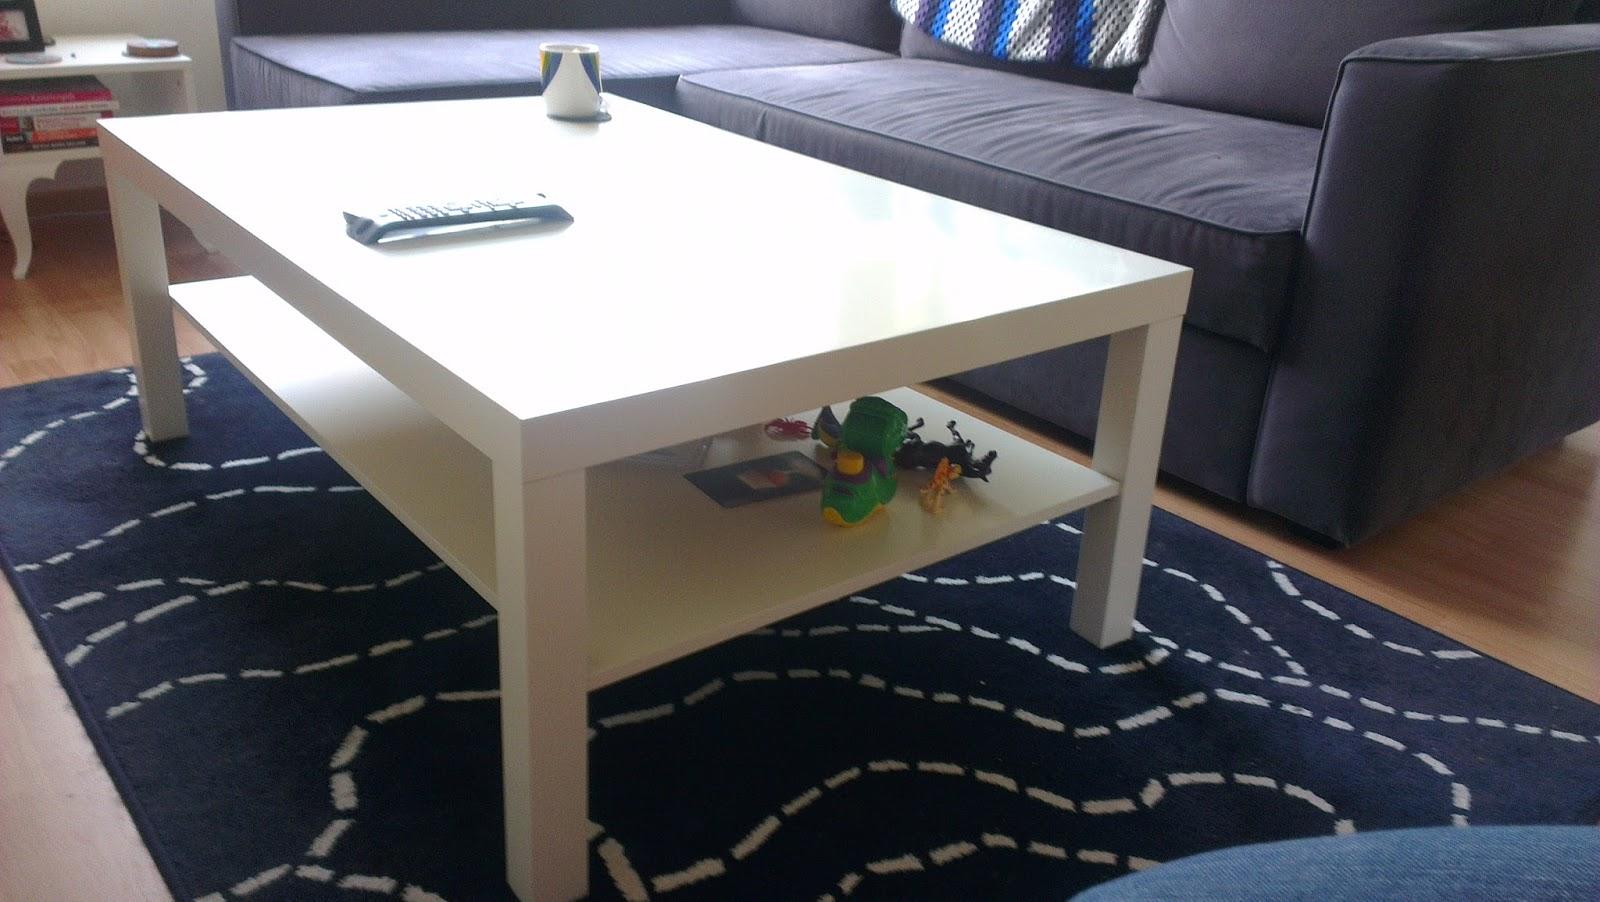 Ace the Adventure IKEA Vrijdag Lack SalontafelCoffee Table